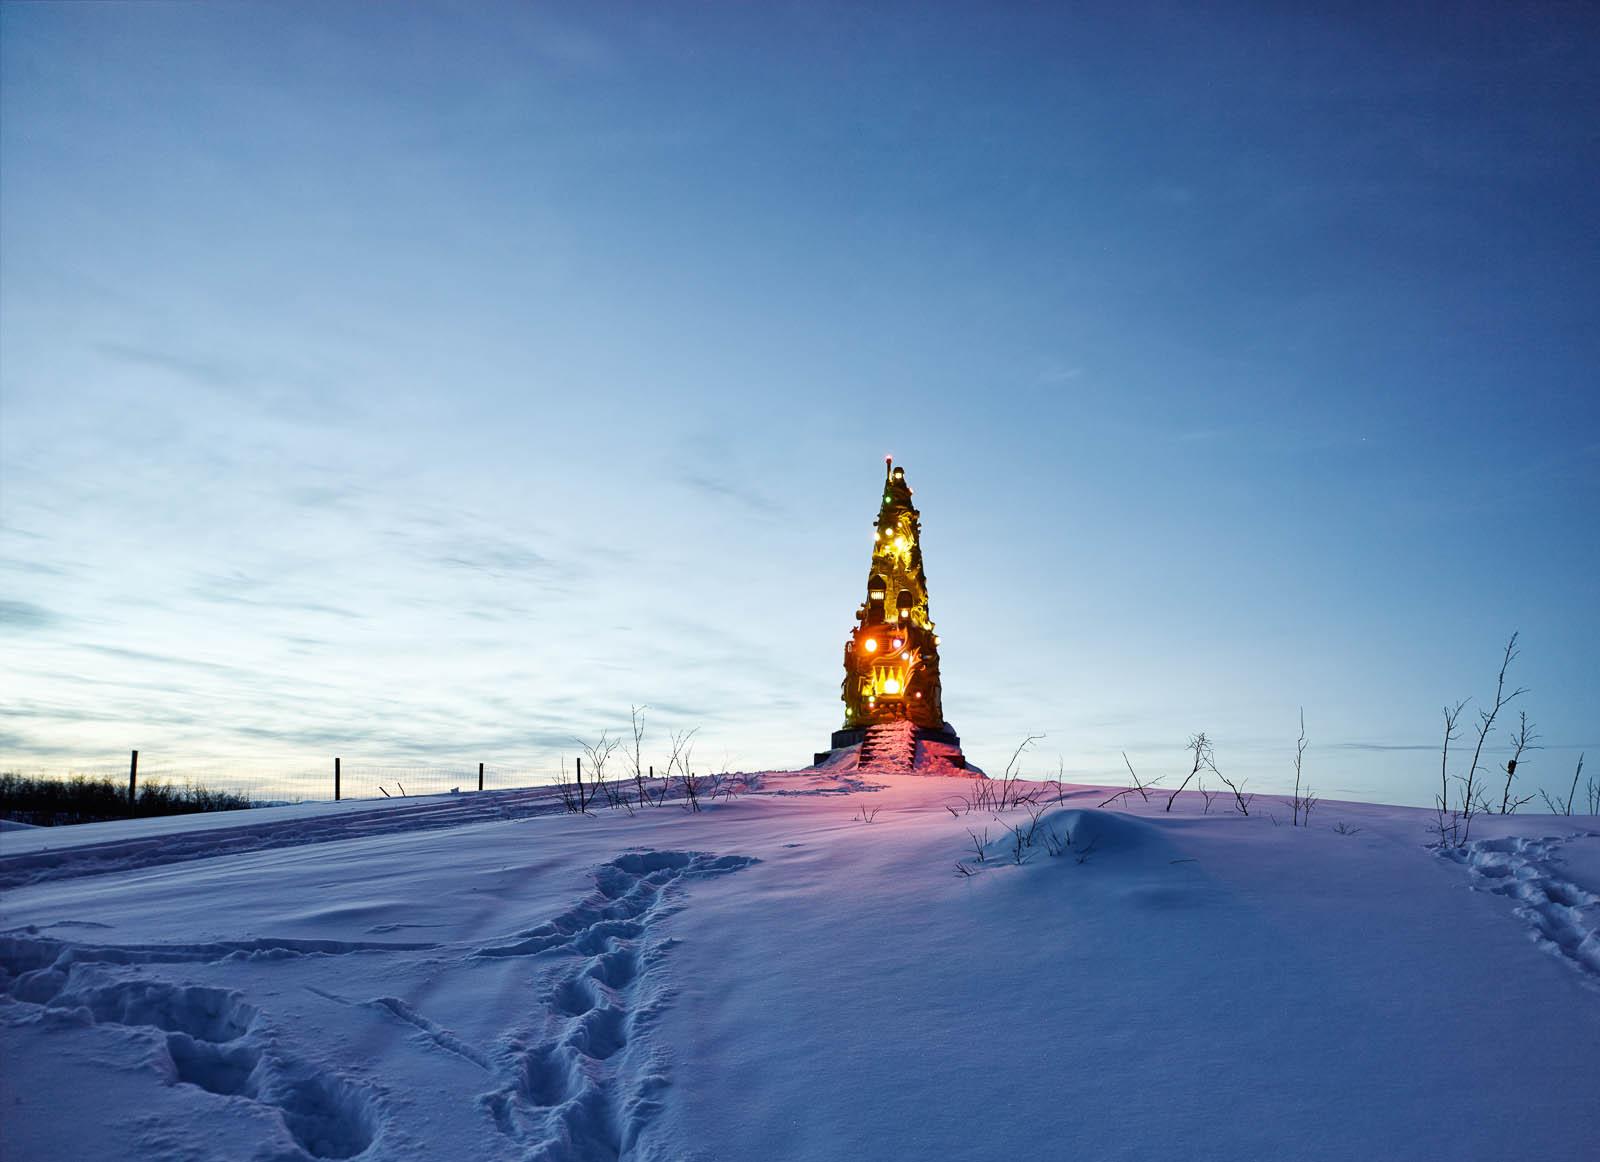 I ett snötäckt landskap lyser skulpturenen Totem av Oskar Aglert i olika färger.